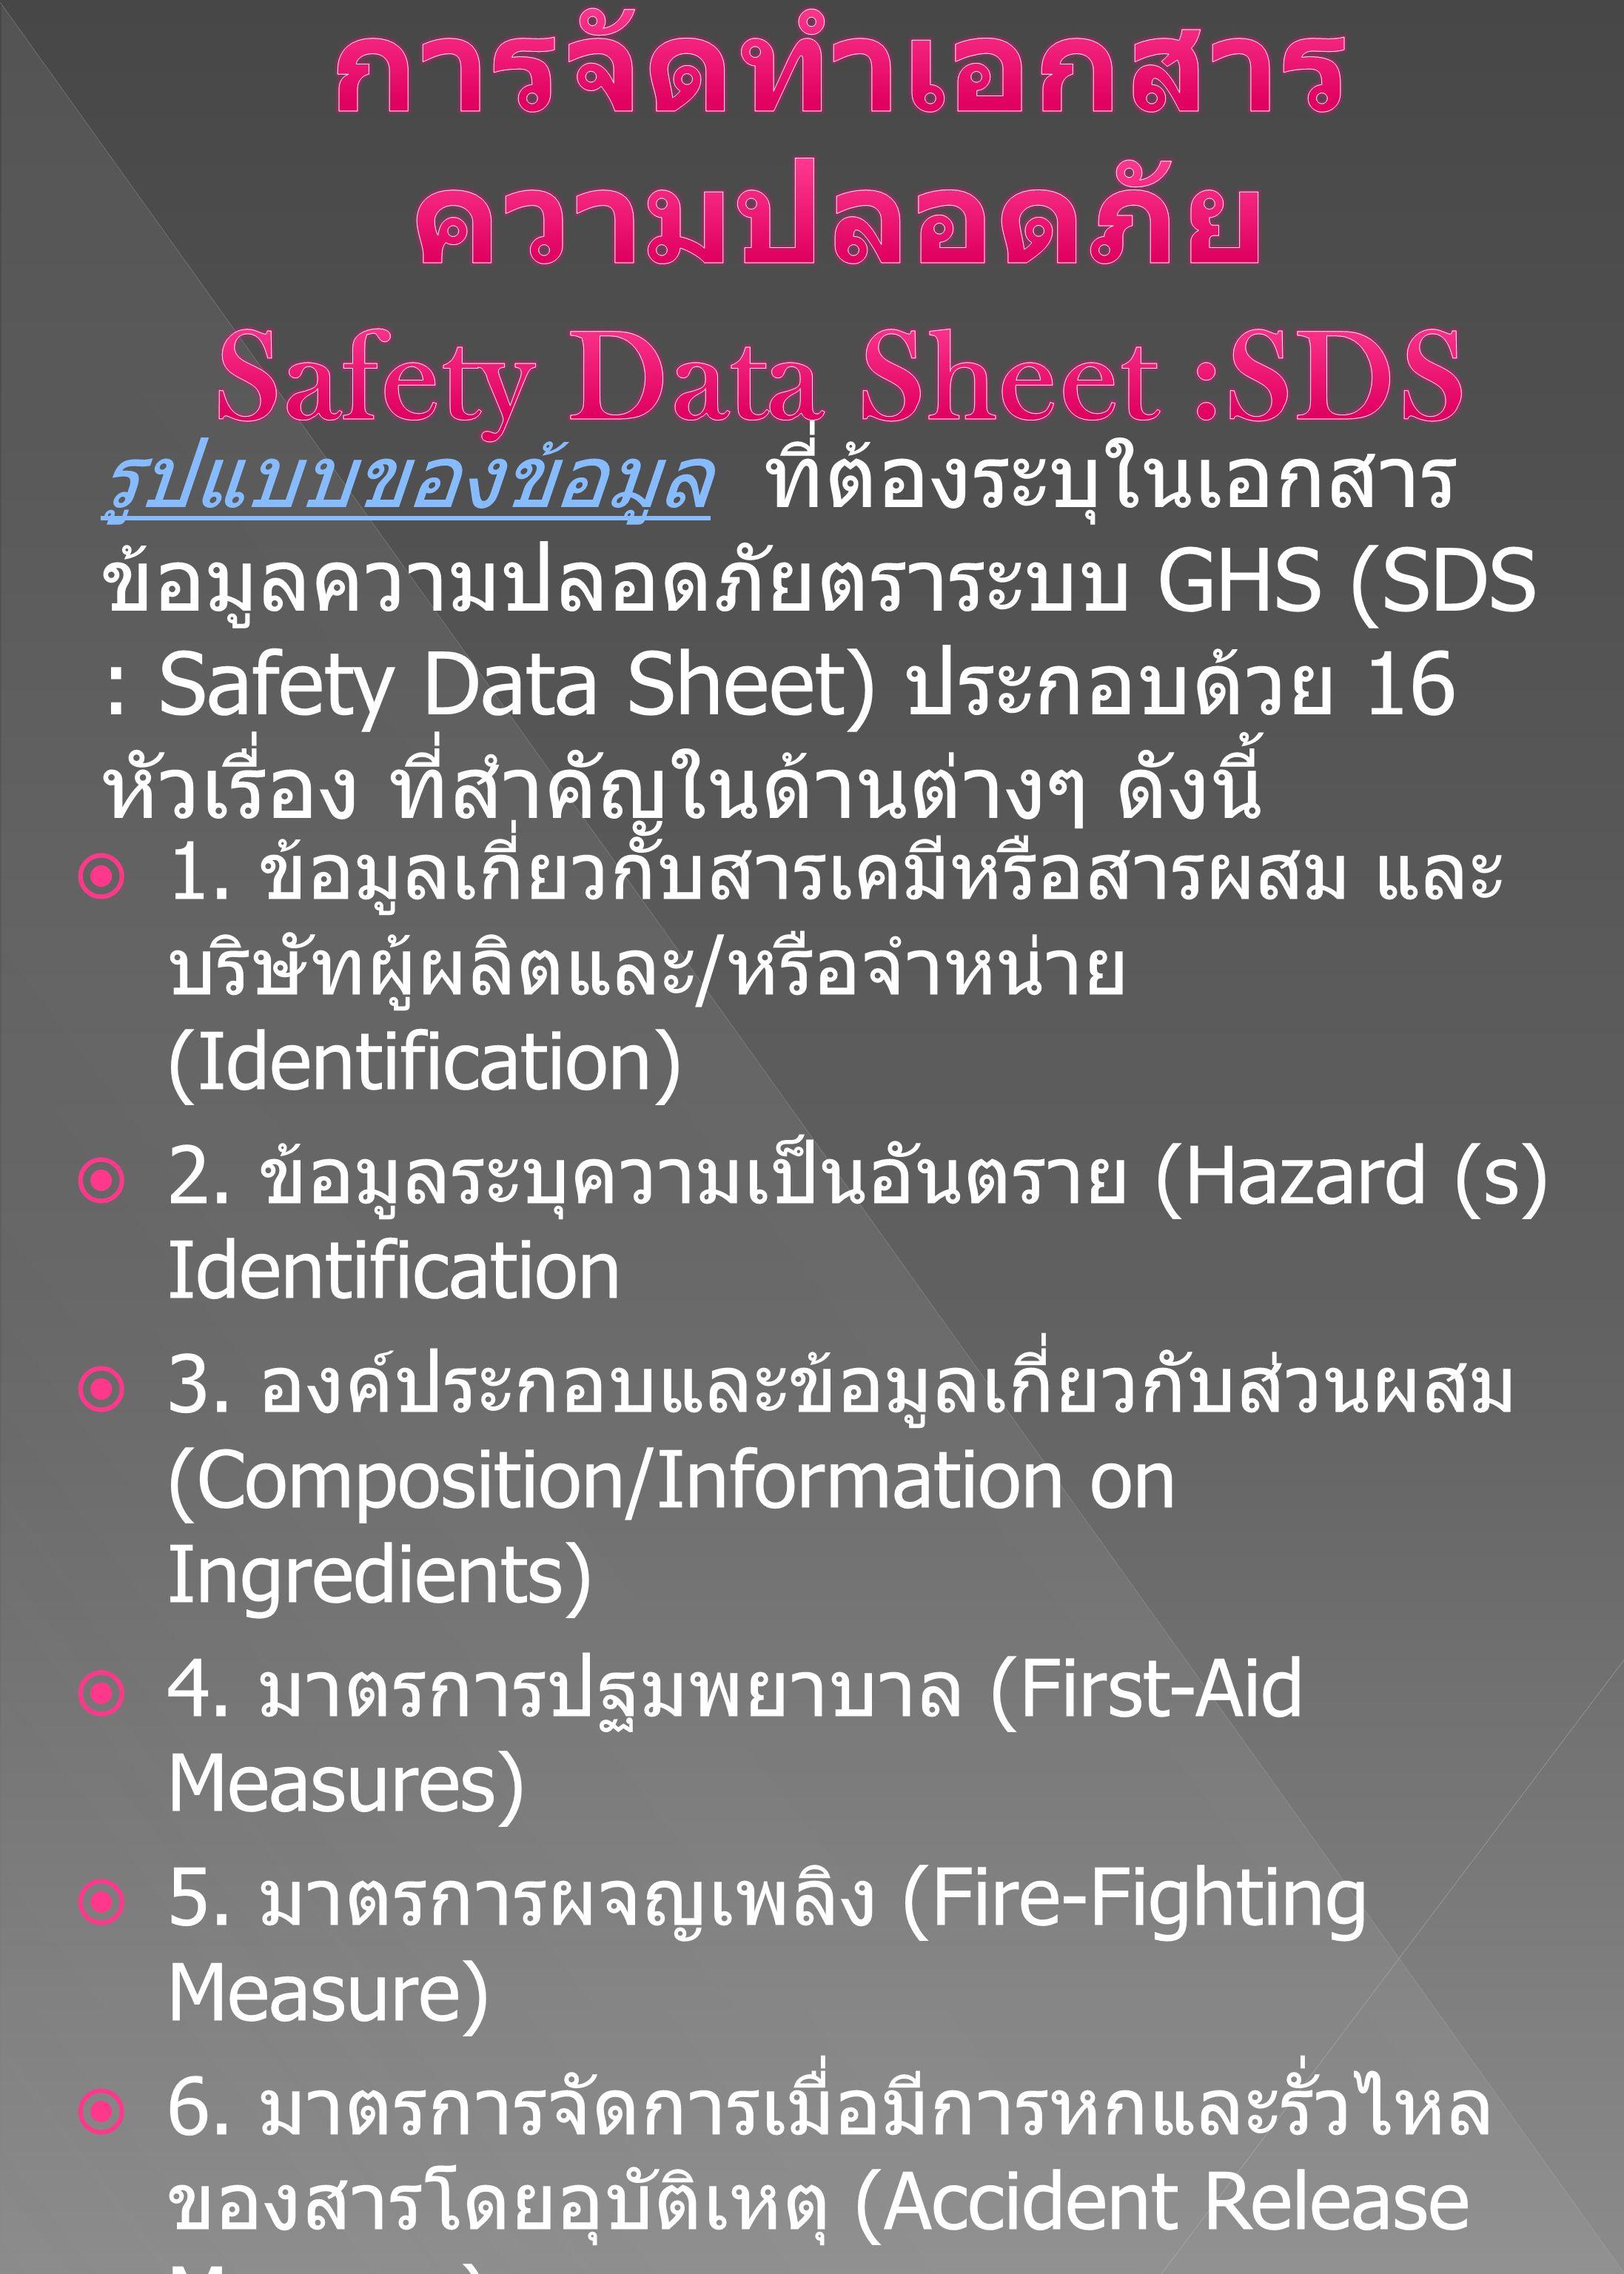  1. ข้อมูลเกี่ยวกับสารเคมีหรือสารผสม และ บริษัทผู้ผลิตและ / หรือจำหน่าย (Identification)  2. ข้อมูลระบุความเป็นอันตราย (Hazard (s) Identification 